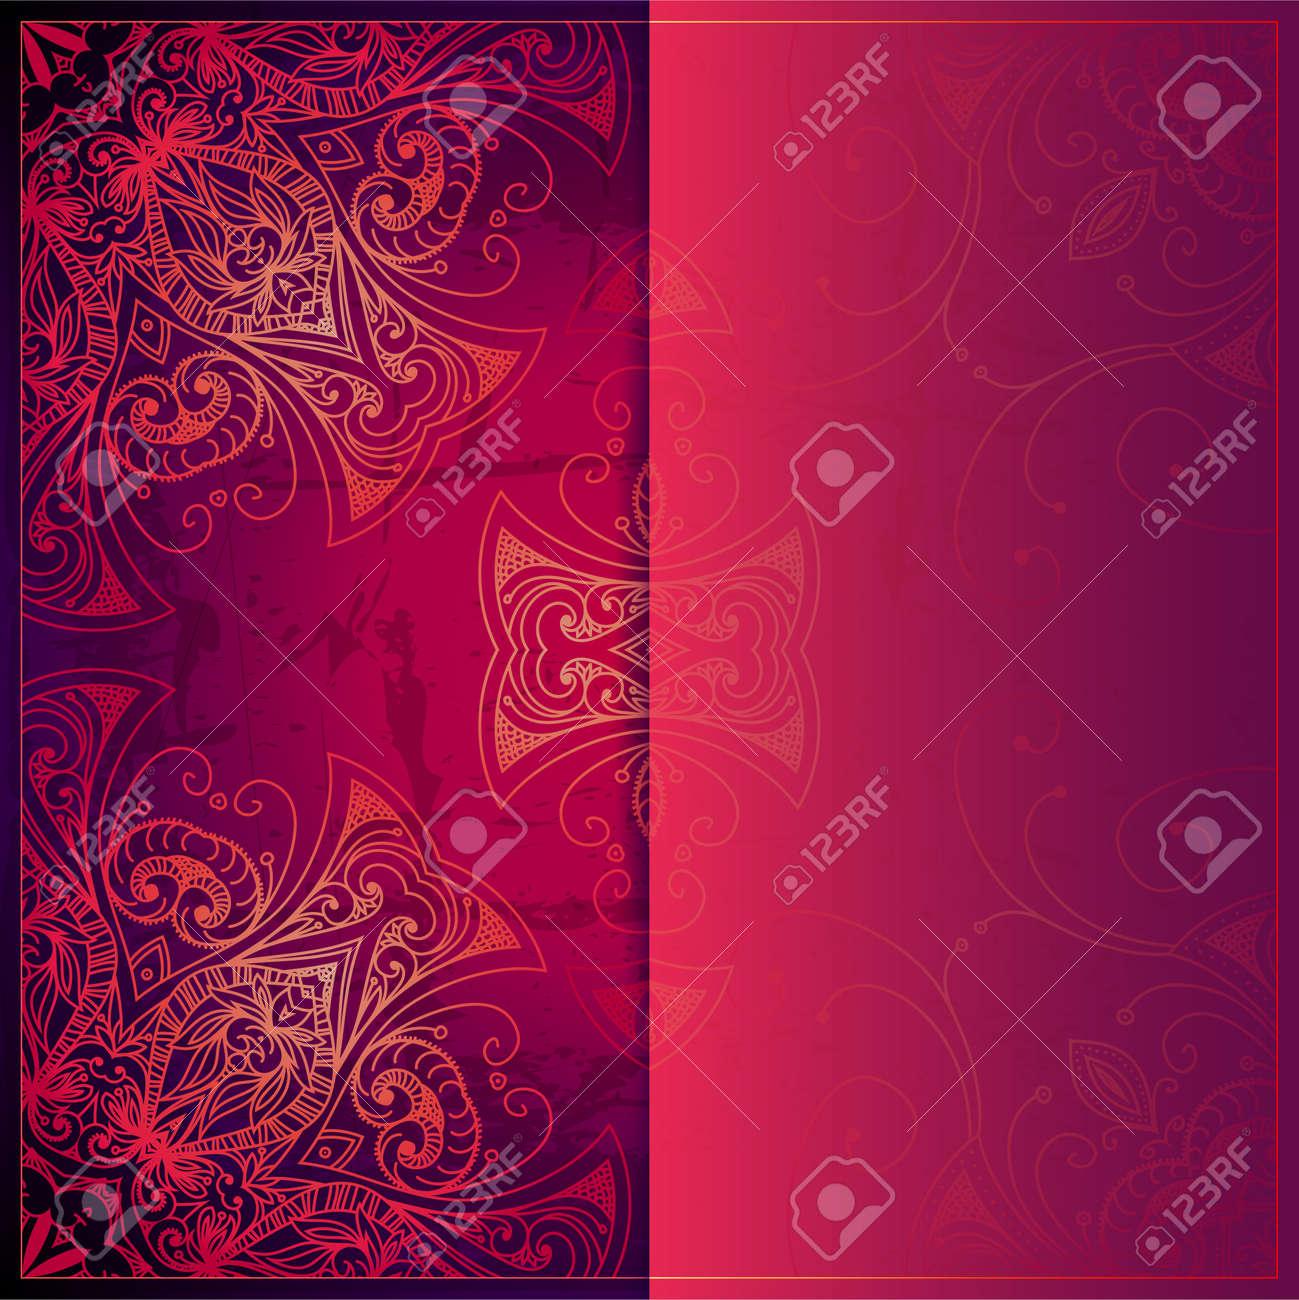 Abstract Vector Círculo Ornamento Floral. Diseño Del Patrón De ...